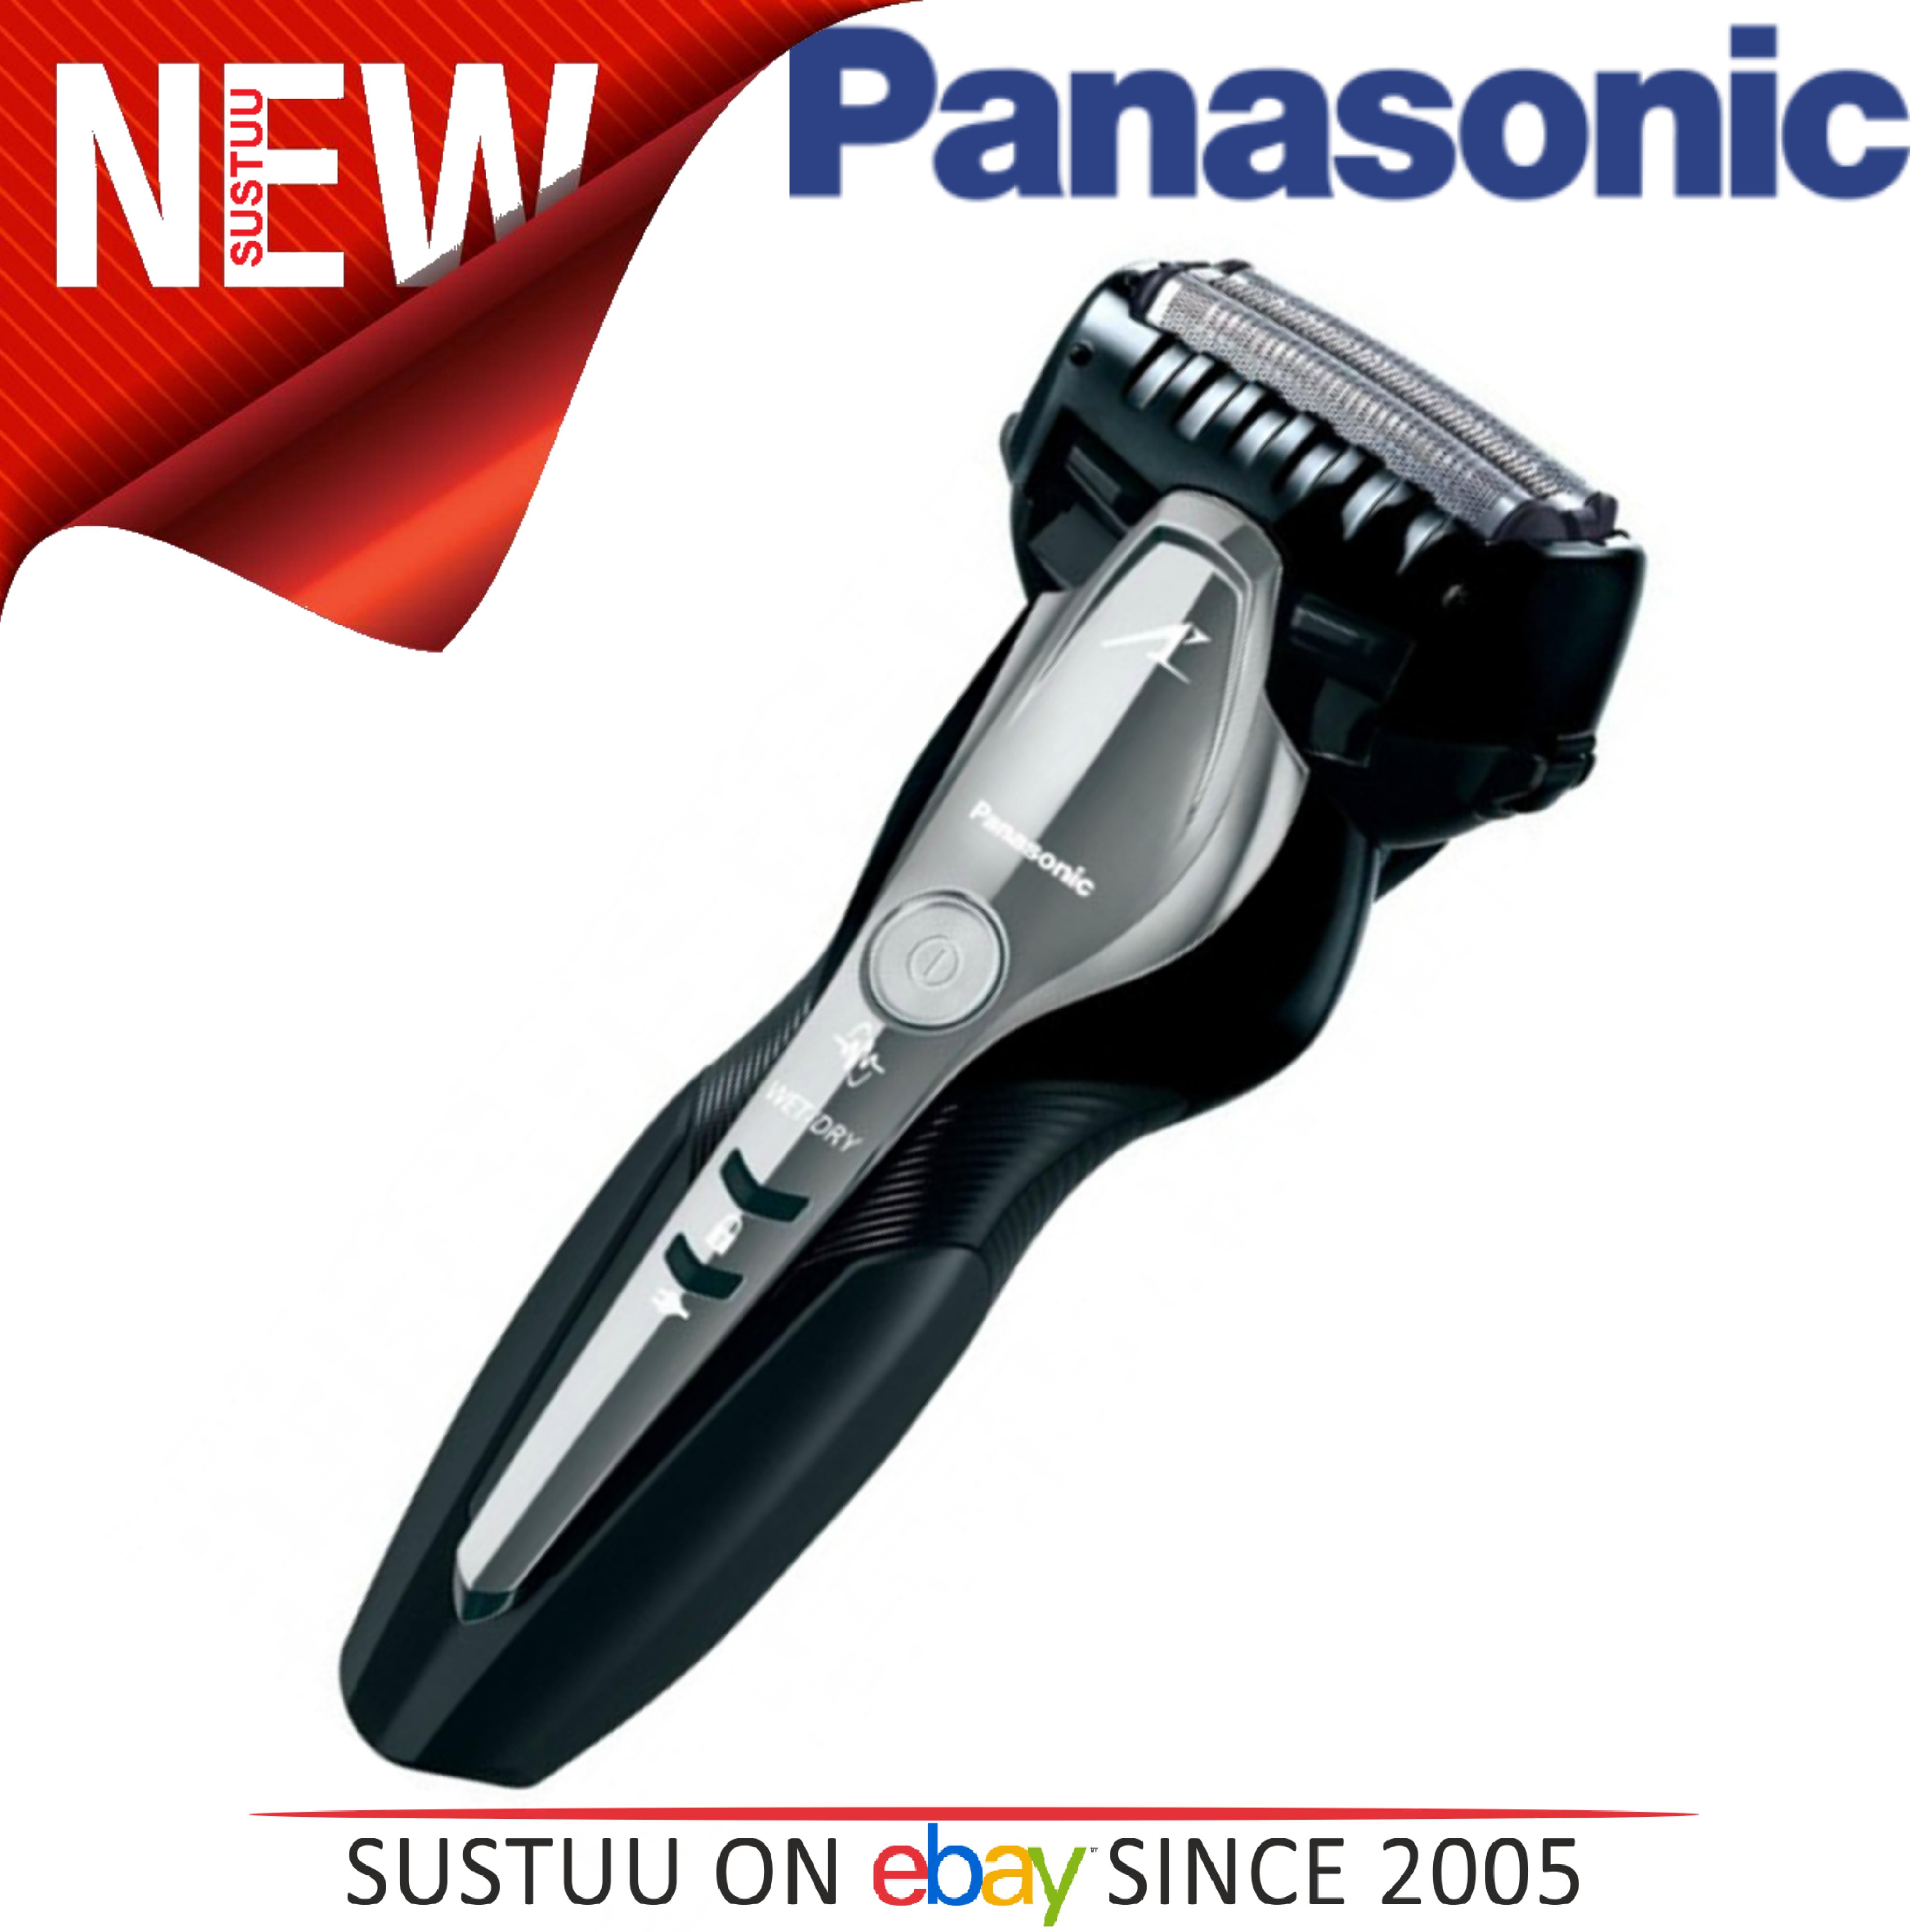 PanasonicESST3NK Men's Wet & Dry Electric Shaver?Multi-Fit Arc Blades?Slit Foil